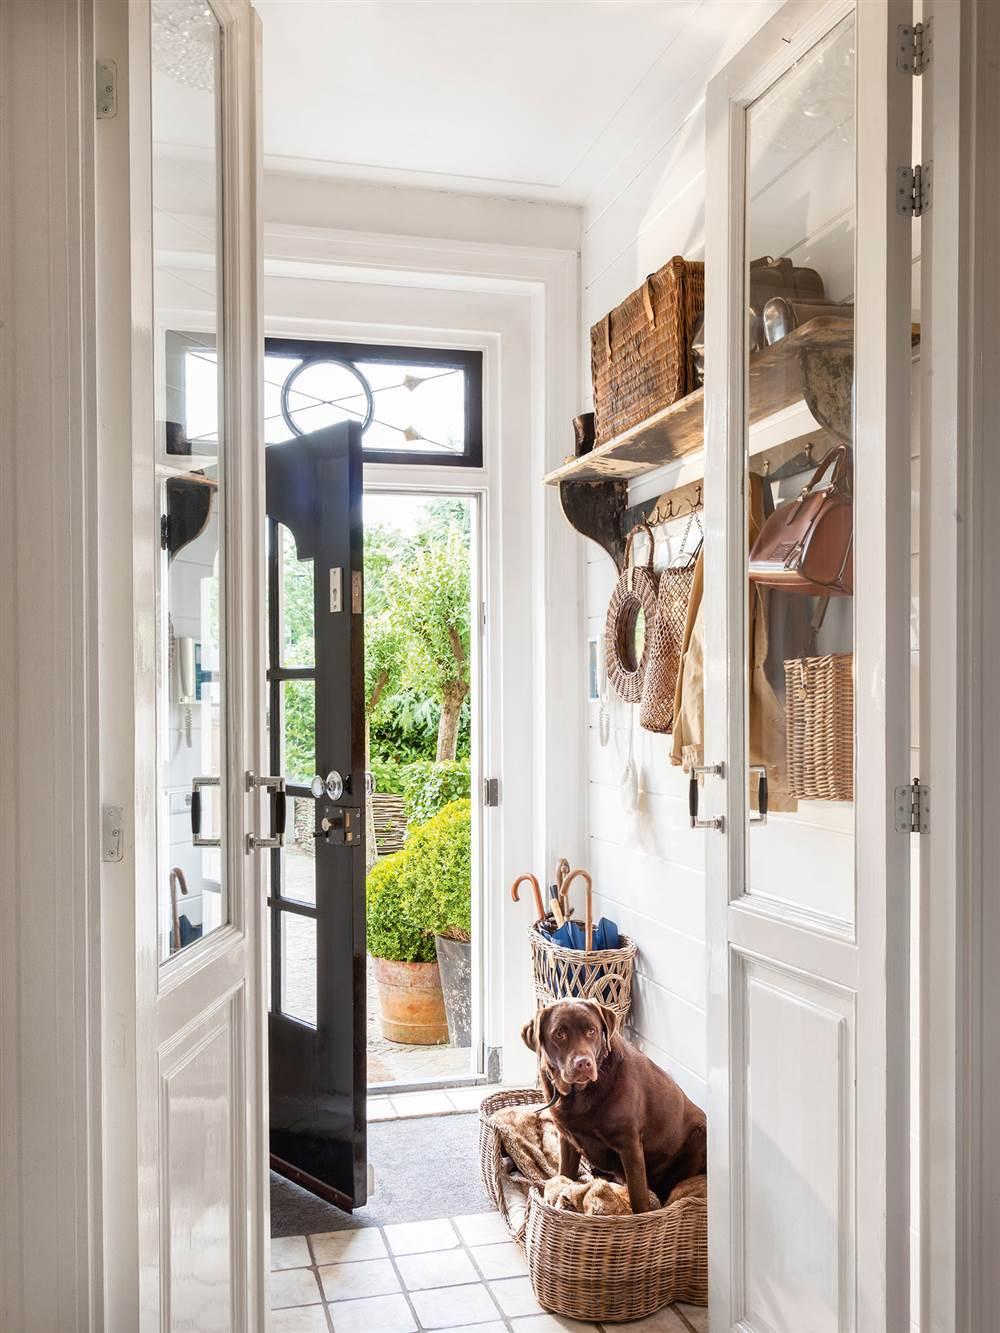 Recibidores y pasillos buenas ideas para decorarlos y - Ideas para decorar porche entrada ...